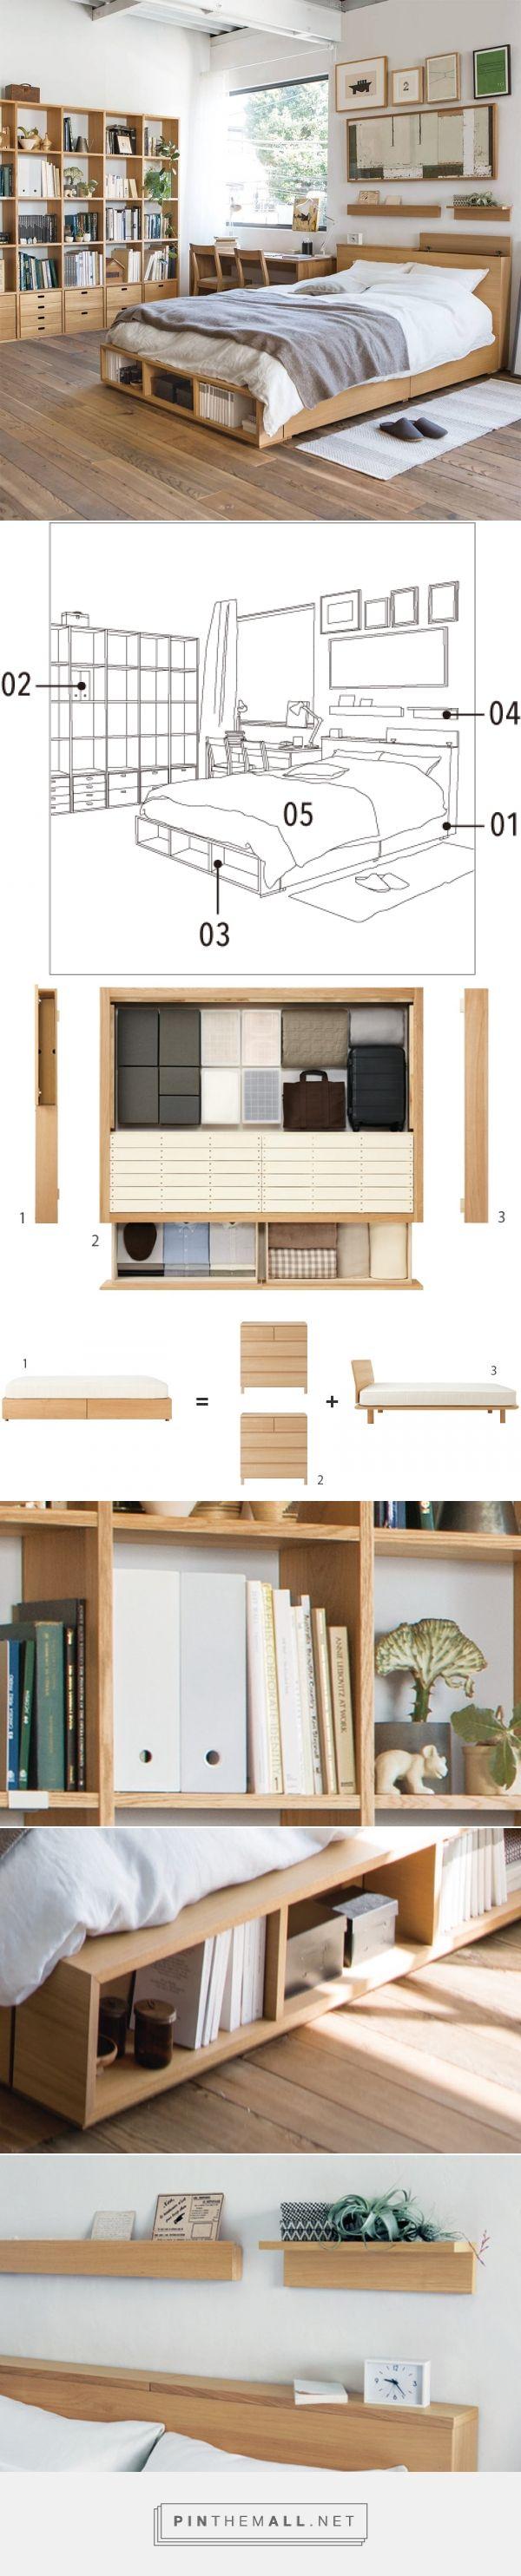 best 20+ muji style ideas on pinterest | muji furniture, desktops